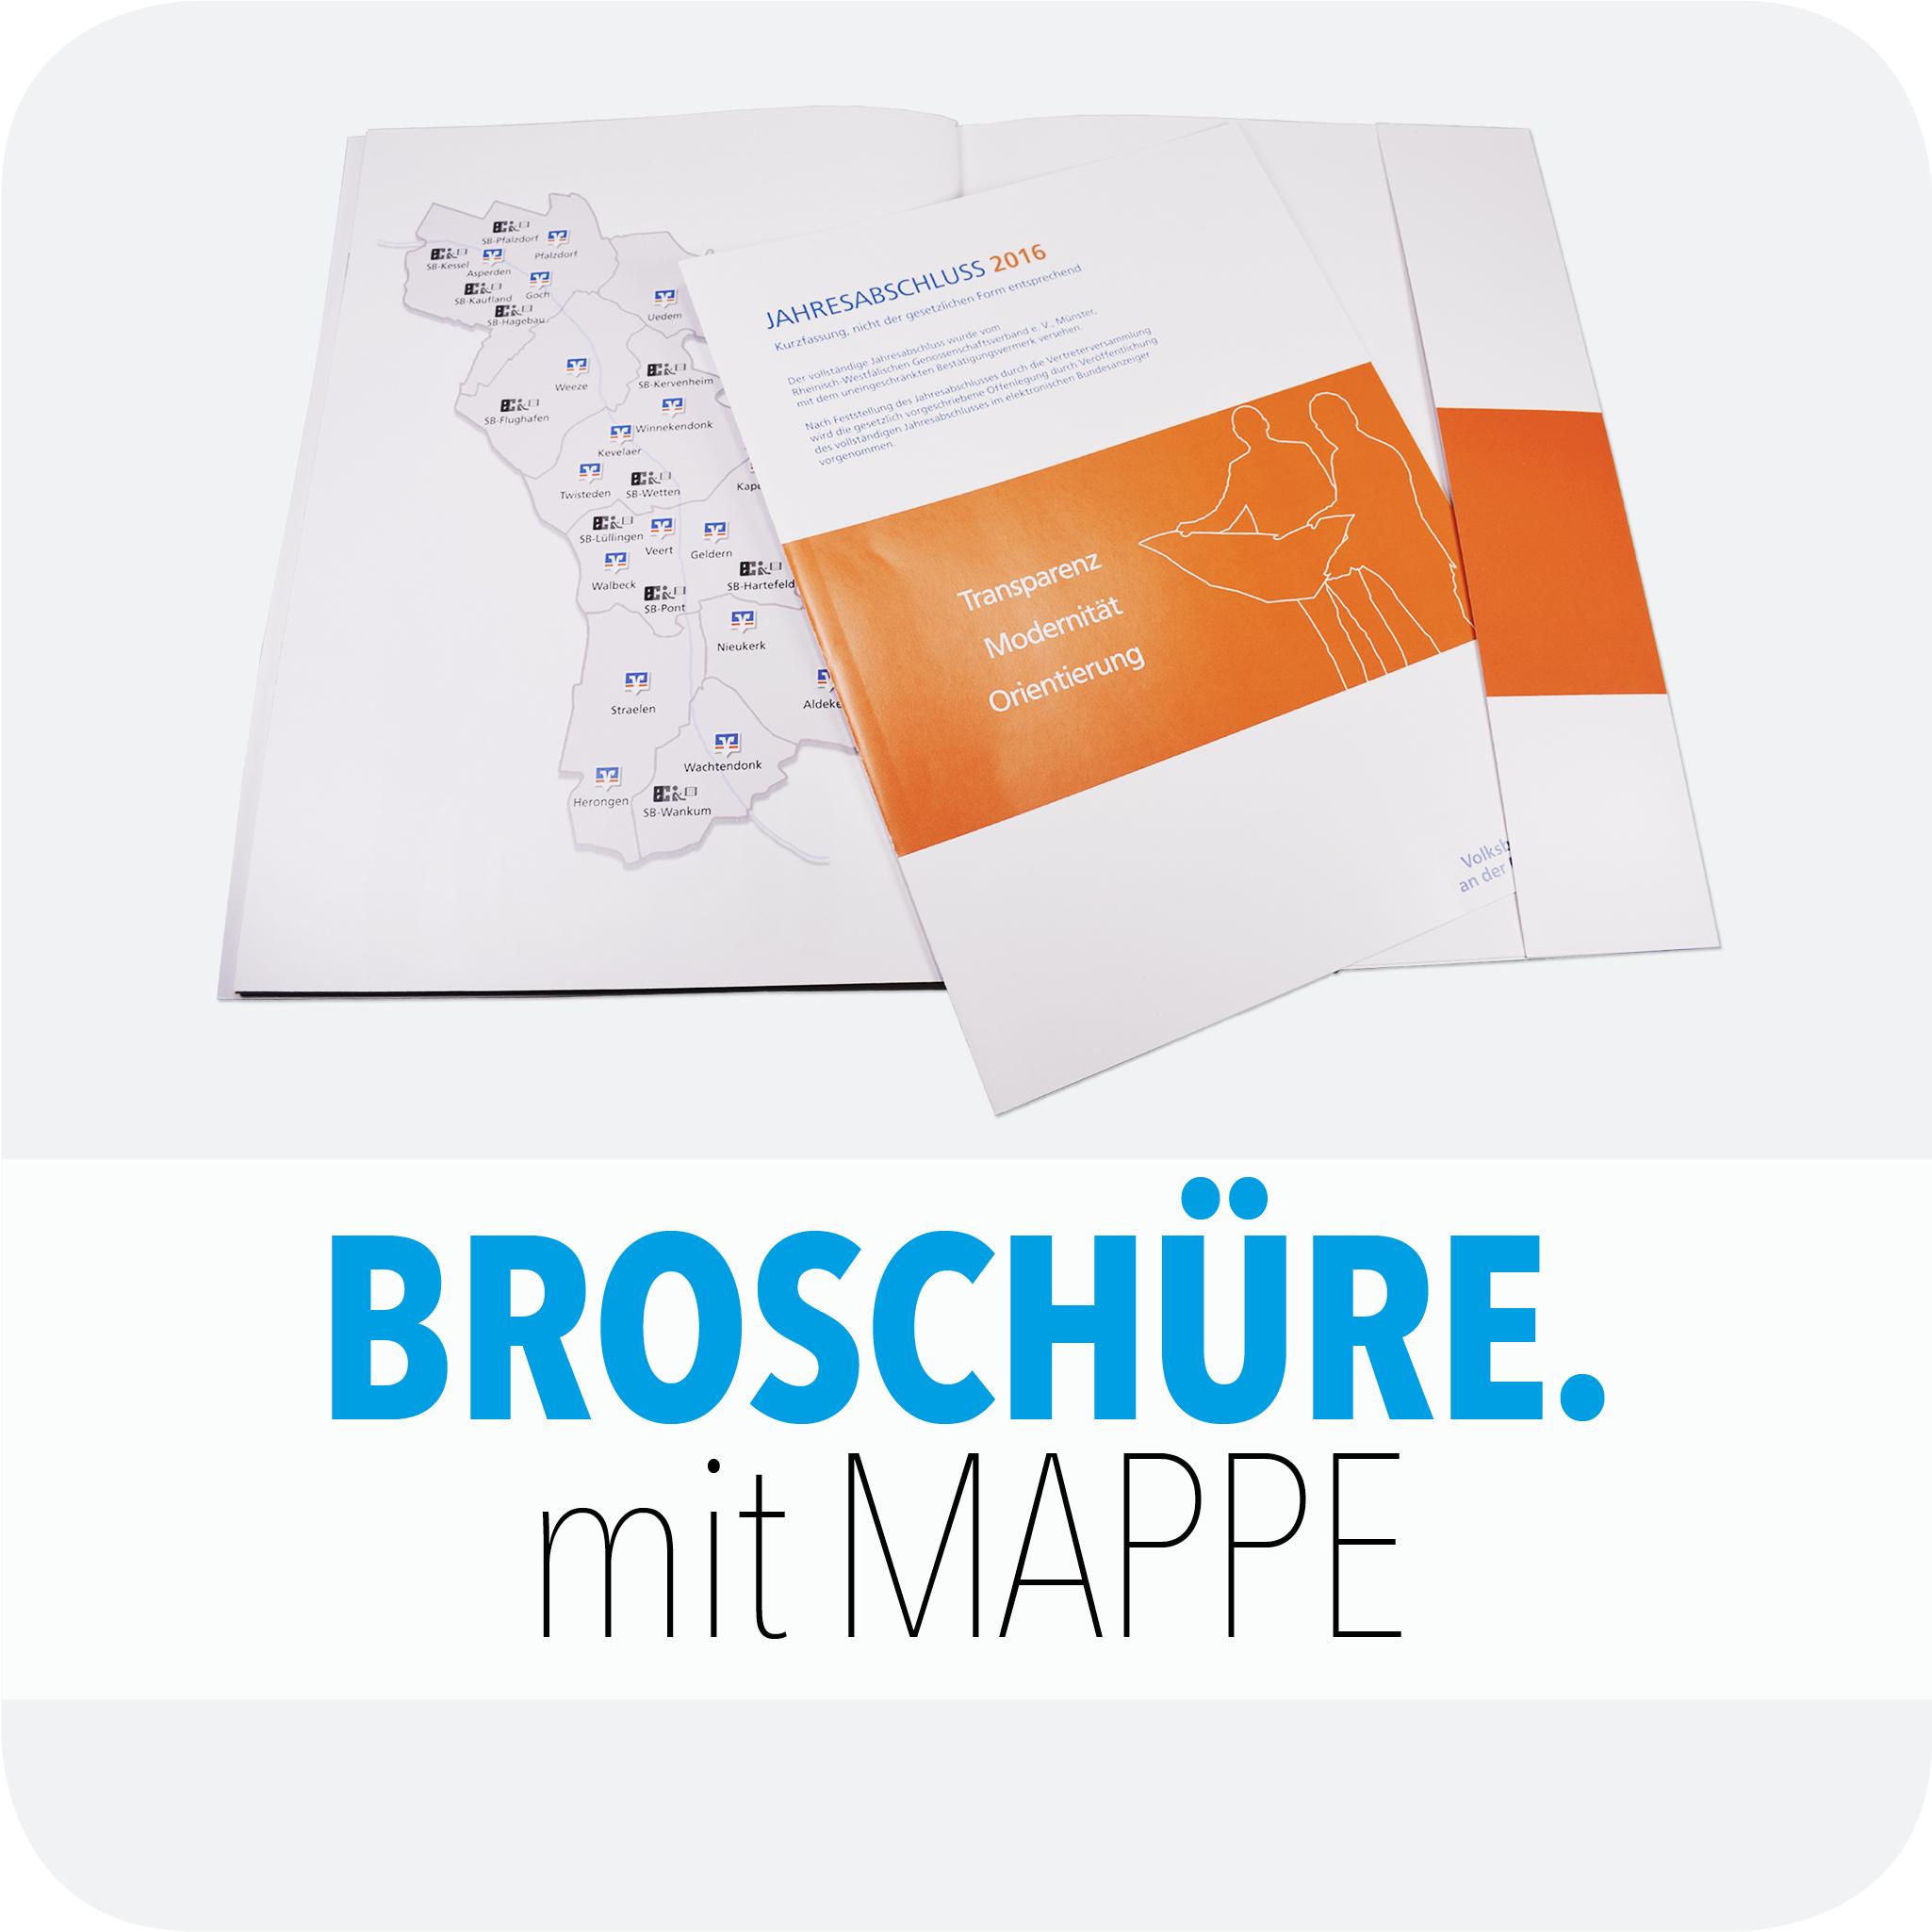 Broschüre mit Mappe